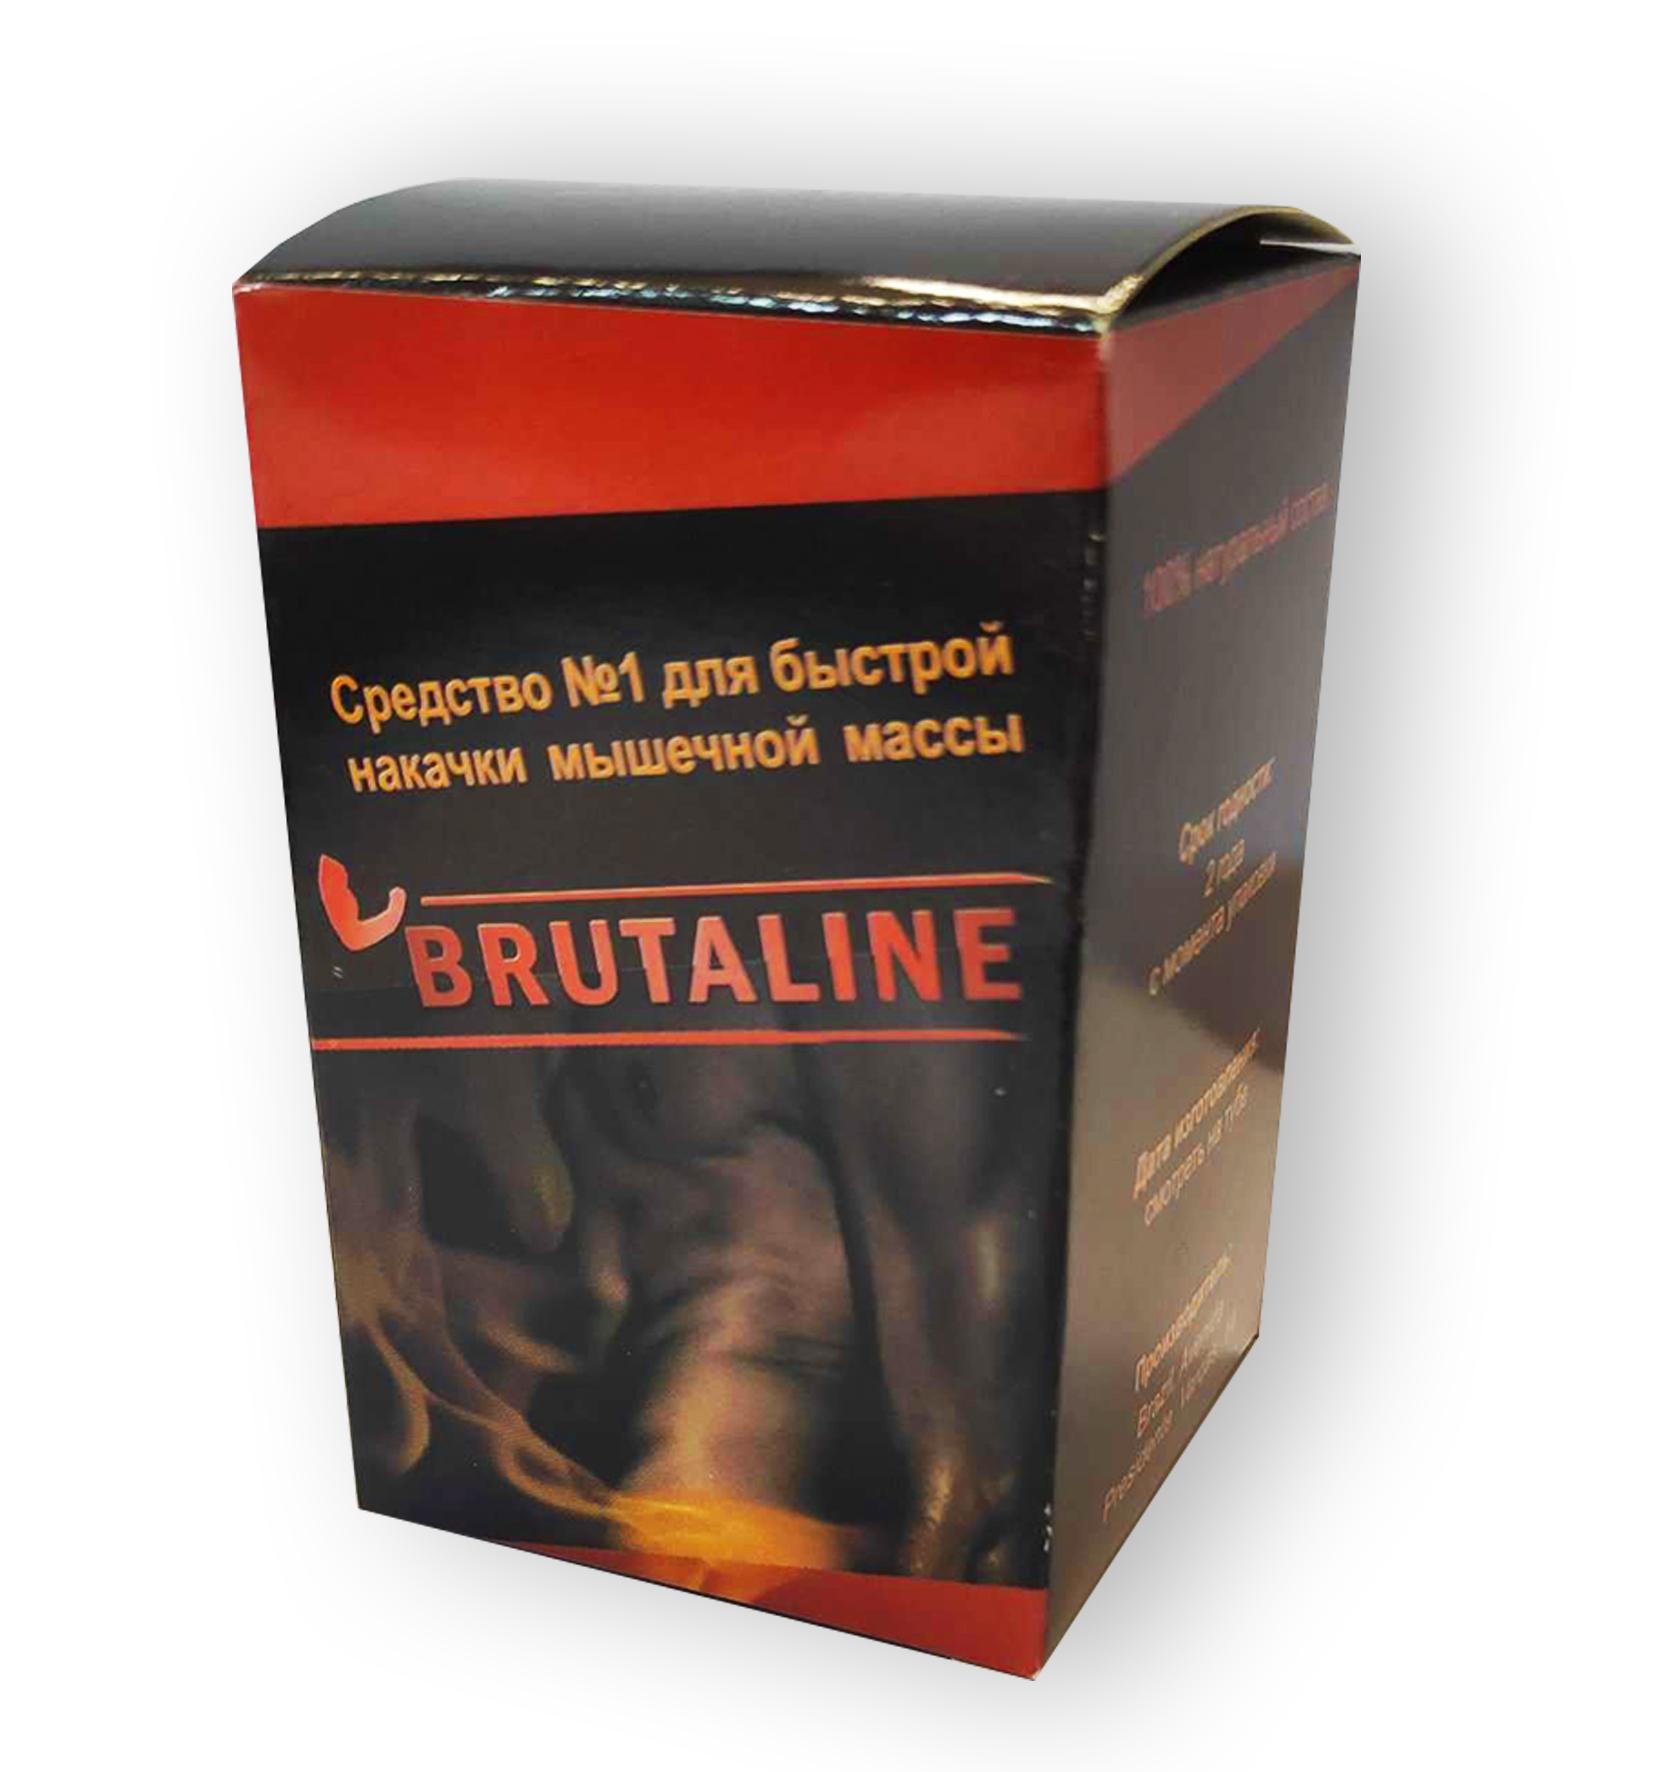 Brutaline - средство для наращивания мышечной массы (Бруталин) 50гр